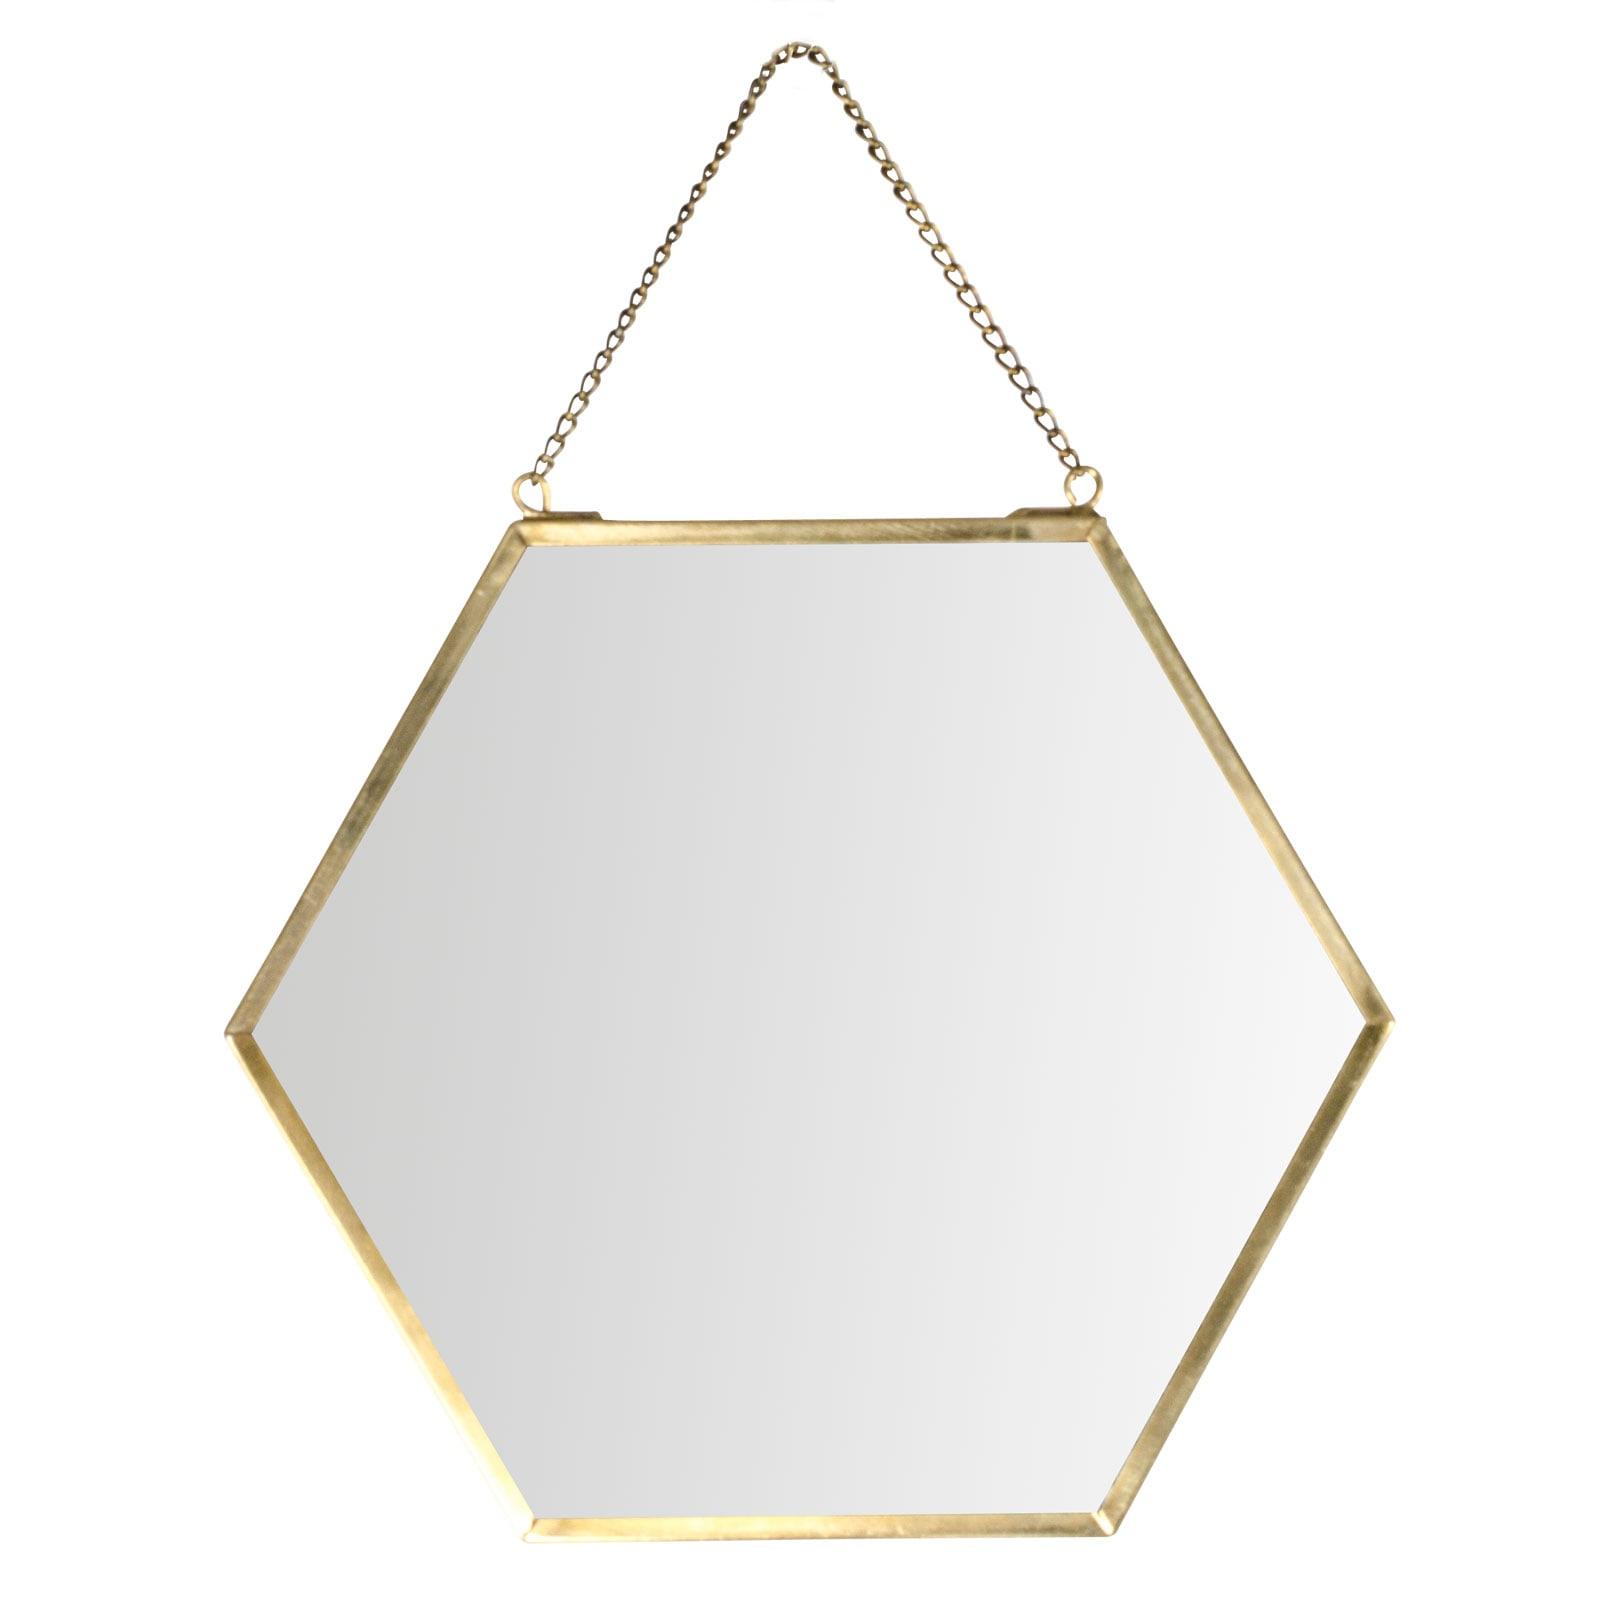 Speil kr99 LagerhausNO 17x14cm